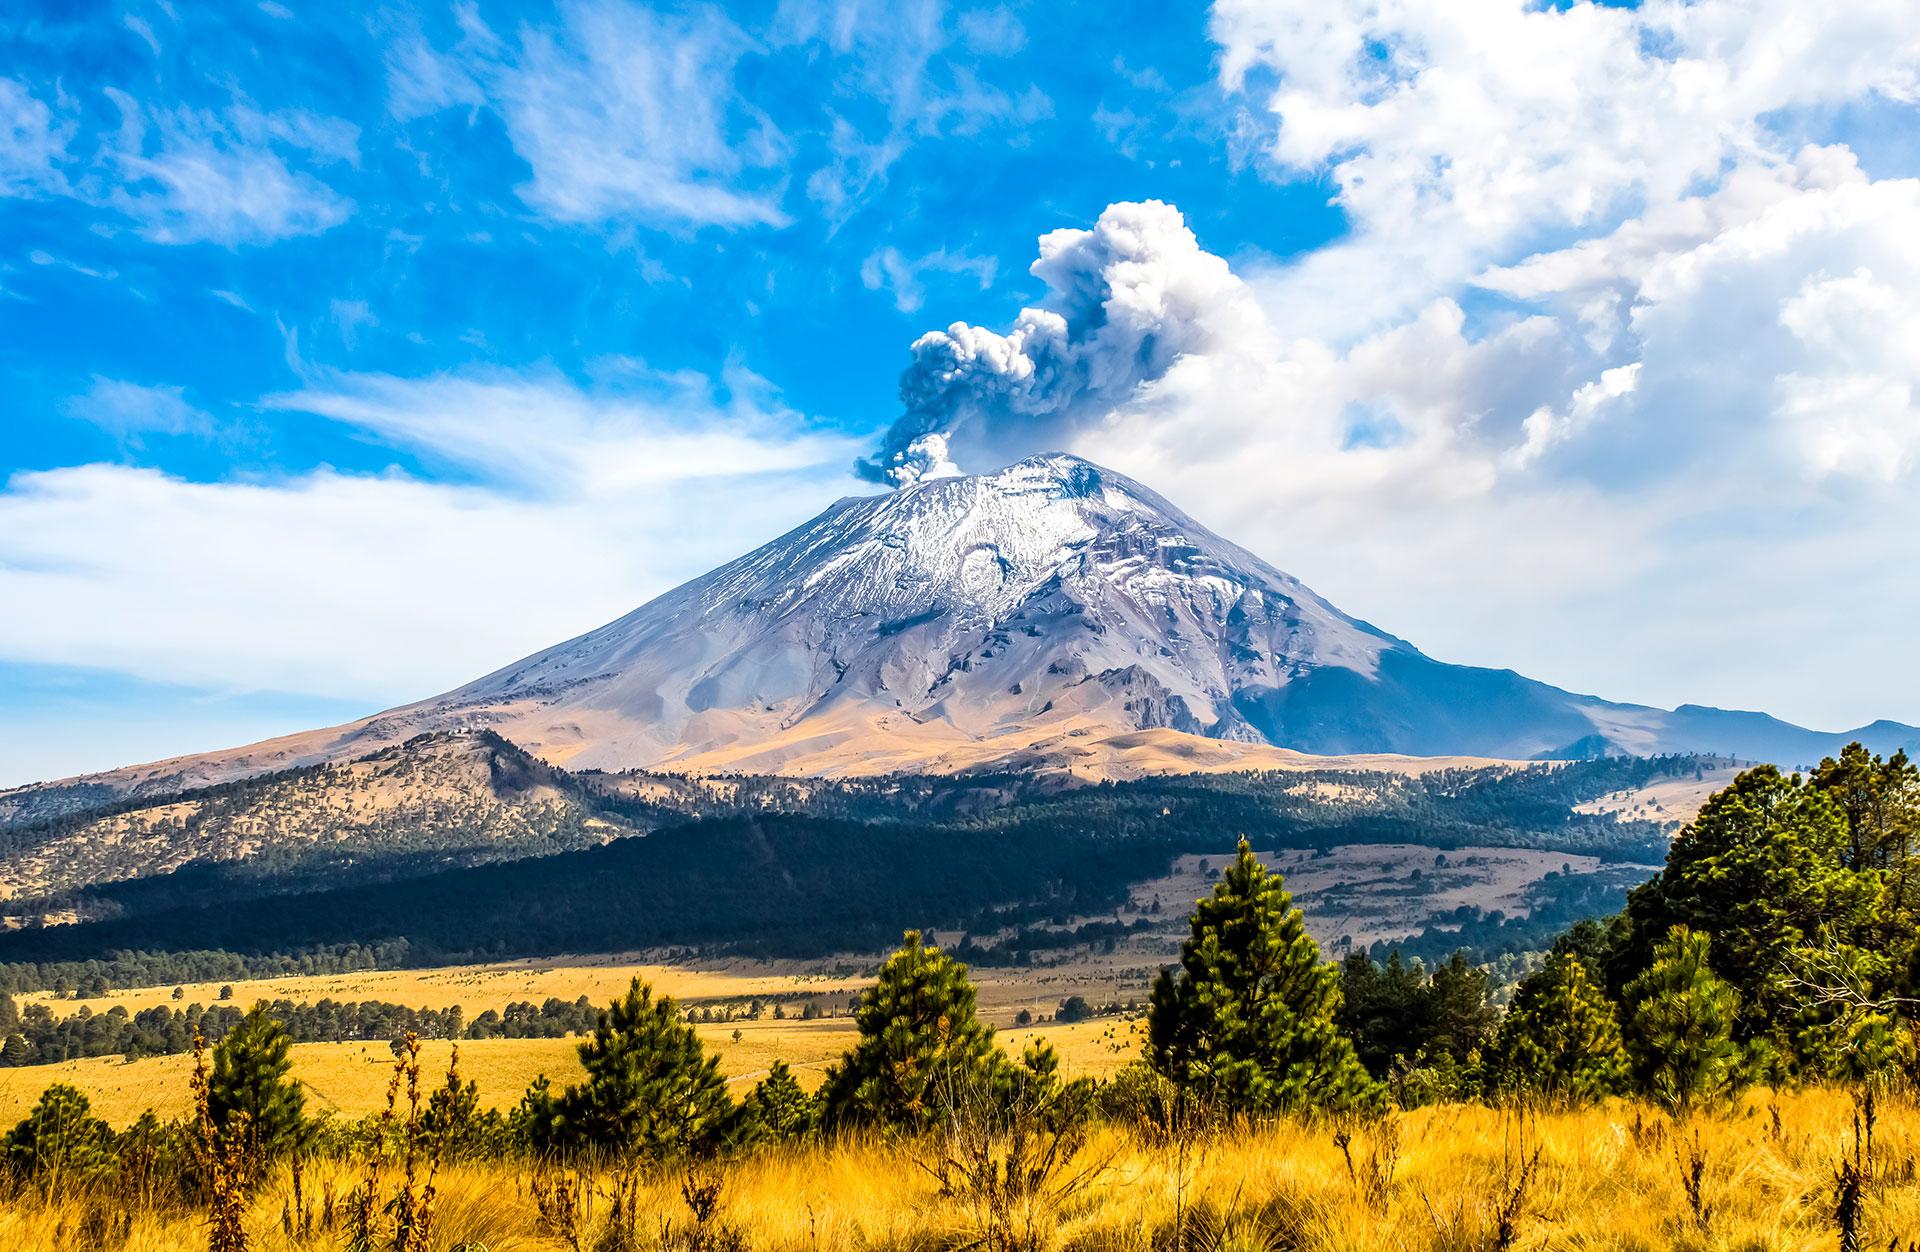 Es solo uno de los más de 20 volcanes distribuidos por la geografía del país azteca